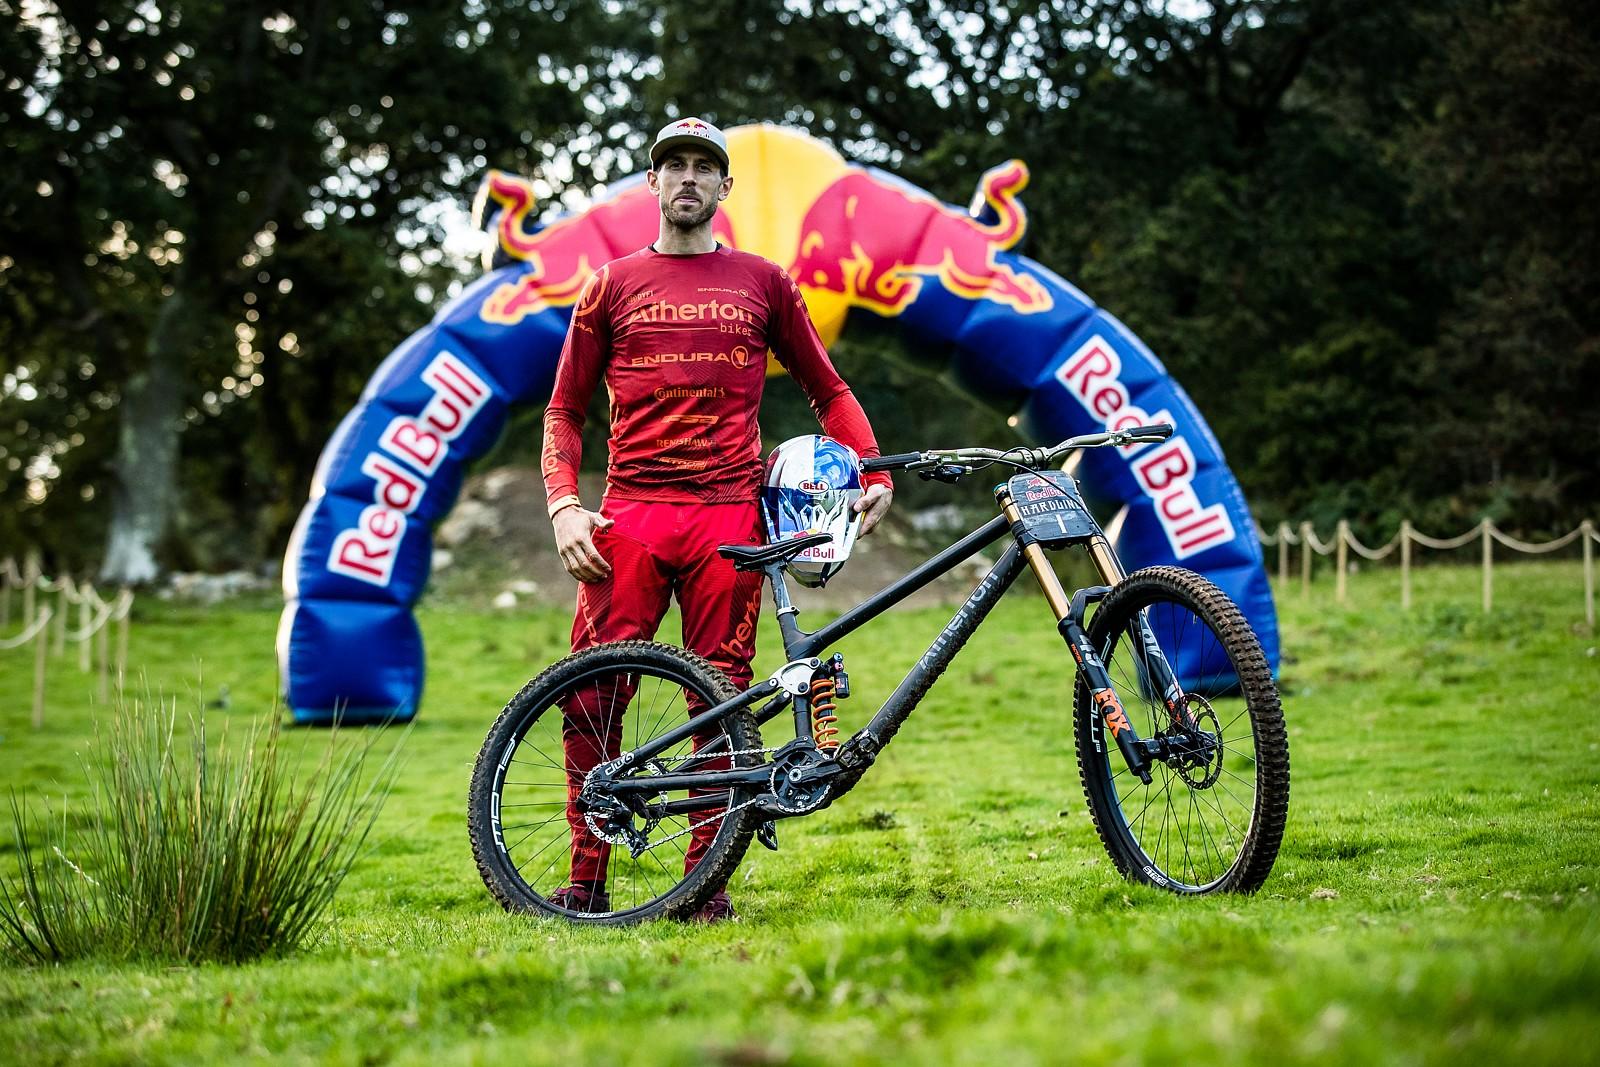 Gee Atherton with his Atherton Bikes Prototype DH - The Bikes of Red Bull Hardline - Mountain Biking Pictures - Vital MTB